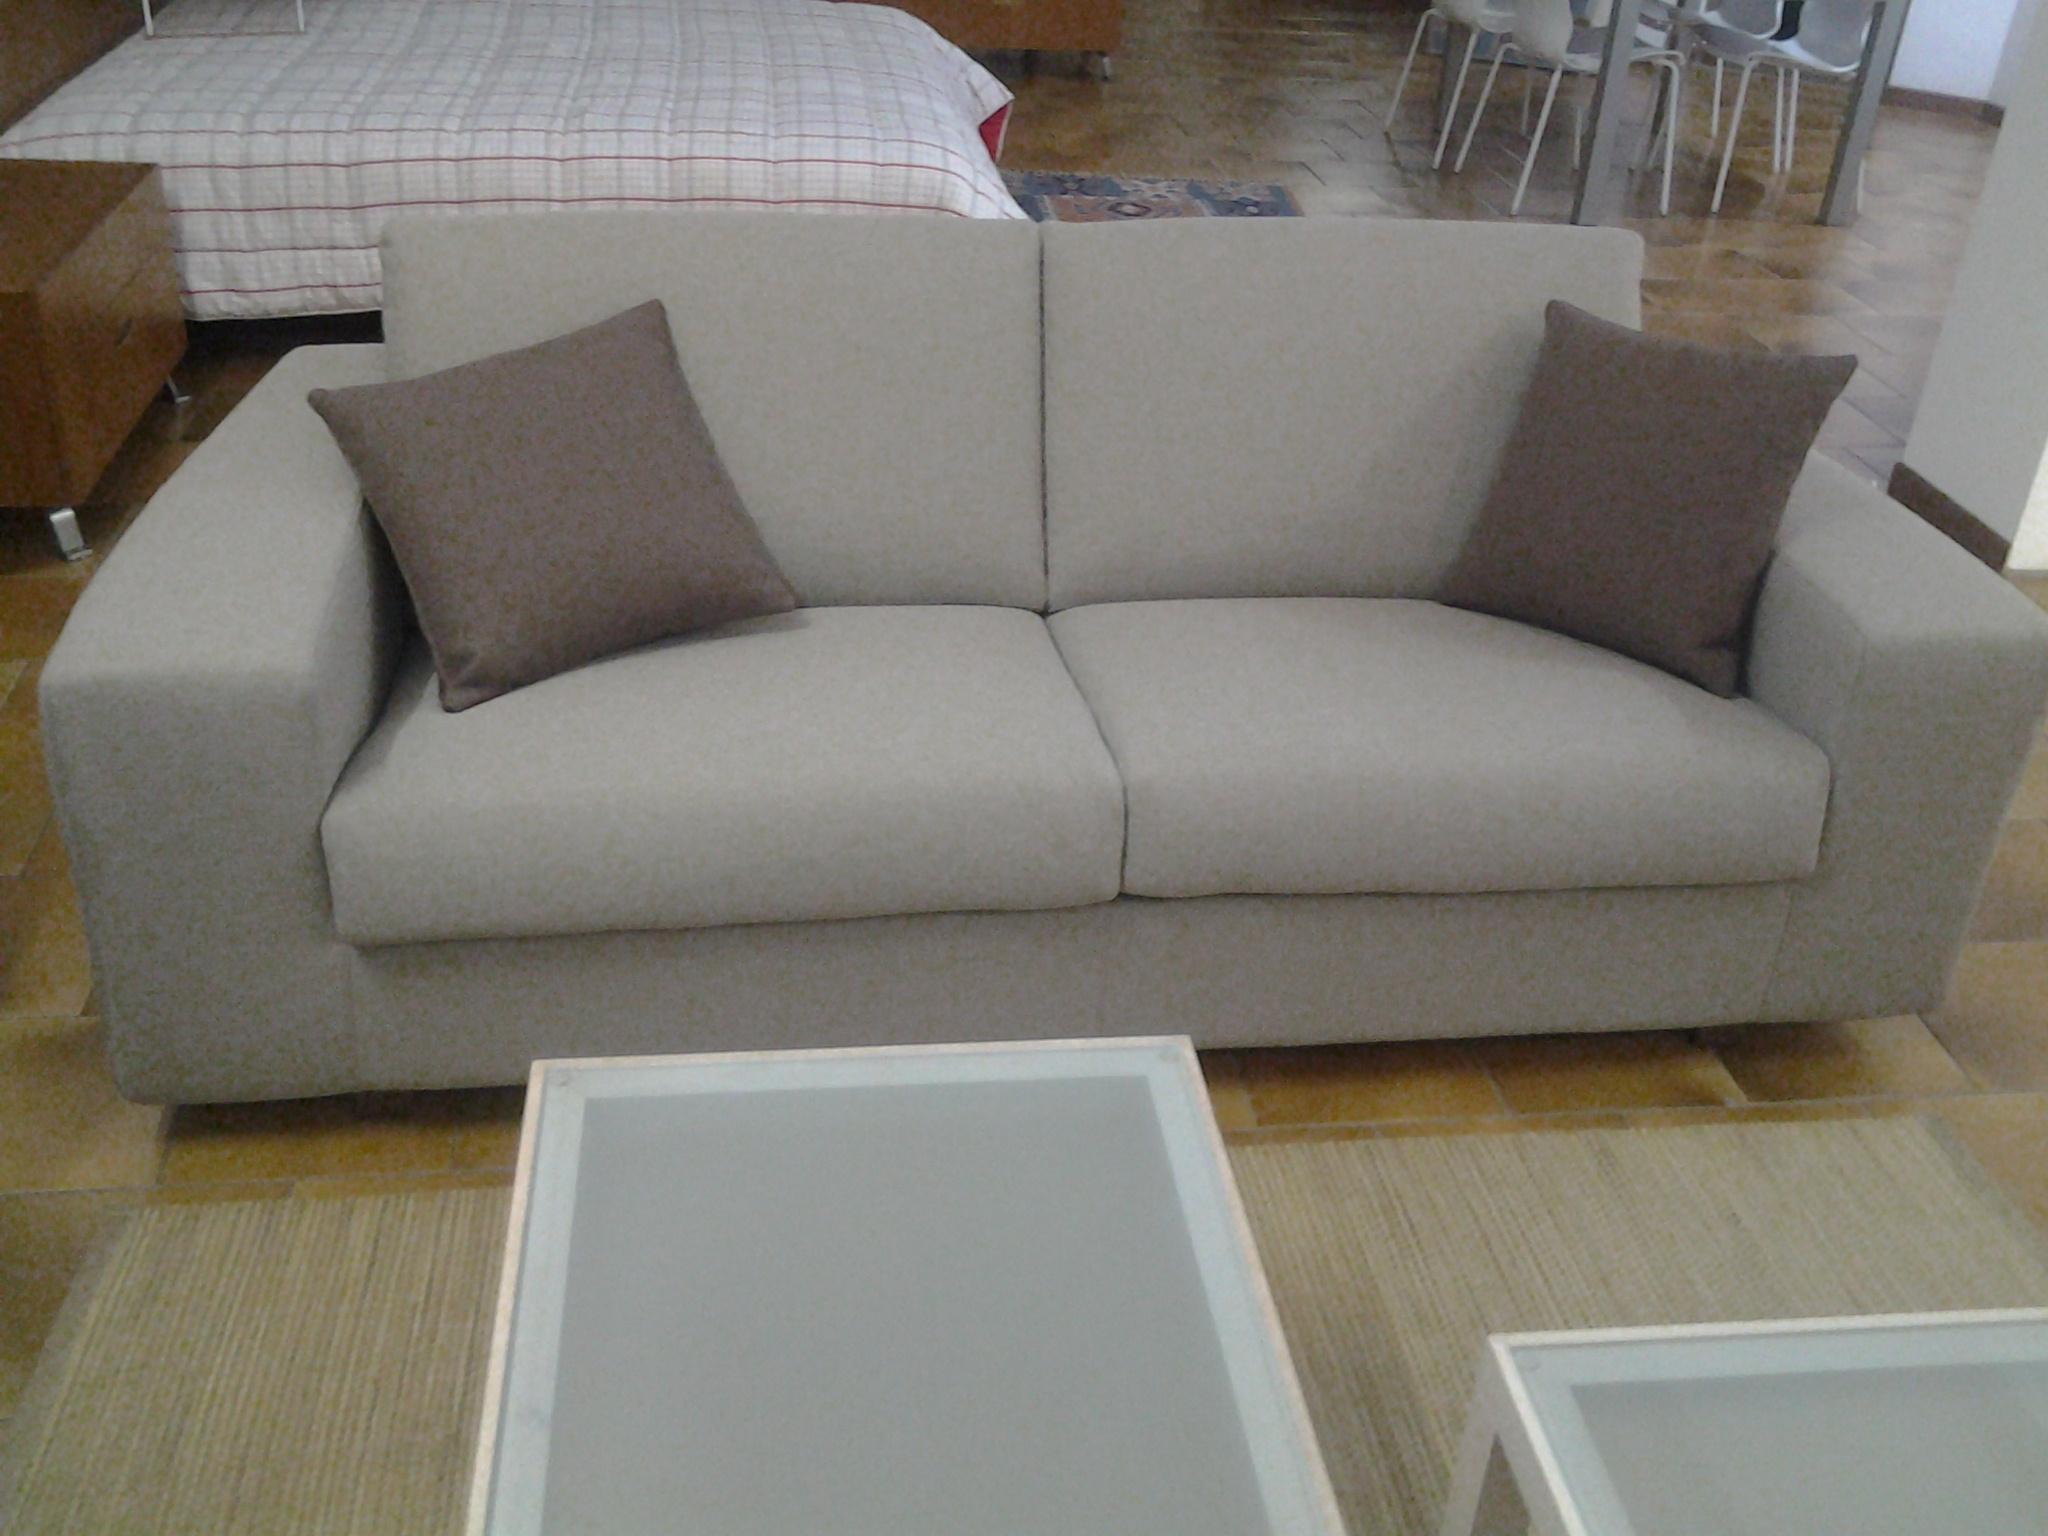 Dema divano elio divani letto tessuto divano 2 posti for Mobili per divani